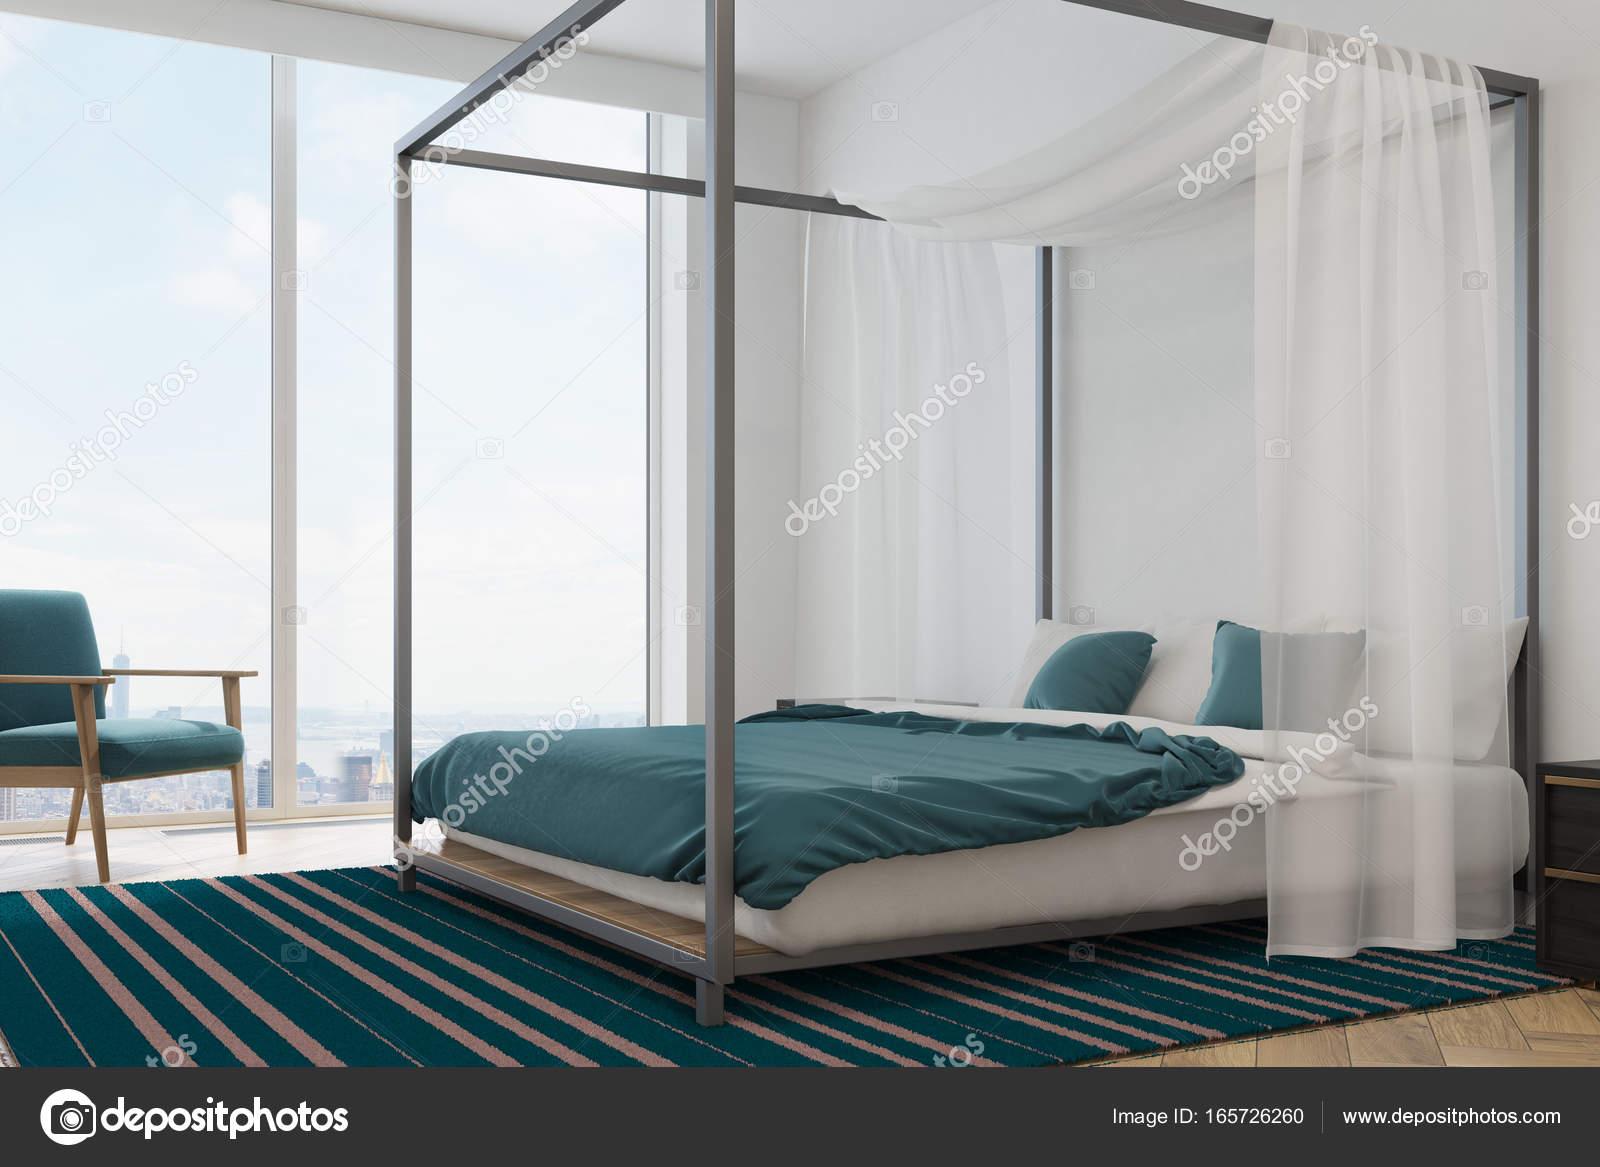 Camere Da Letto Blu : Il design minimo della camera da letto e la priorità bassa di